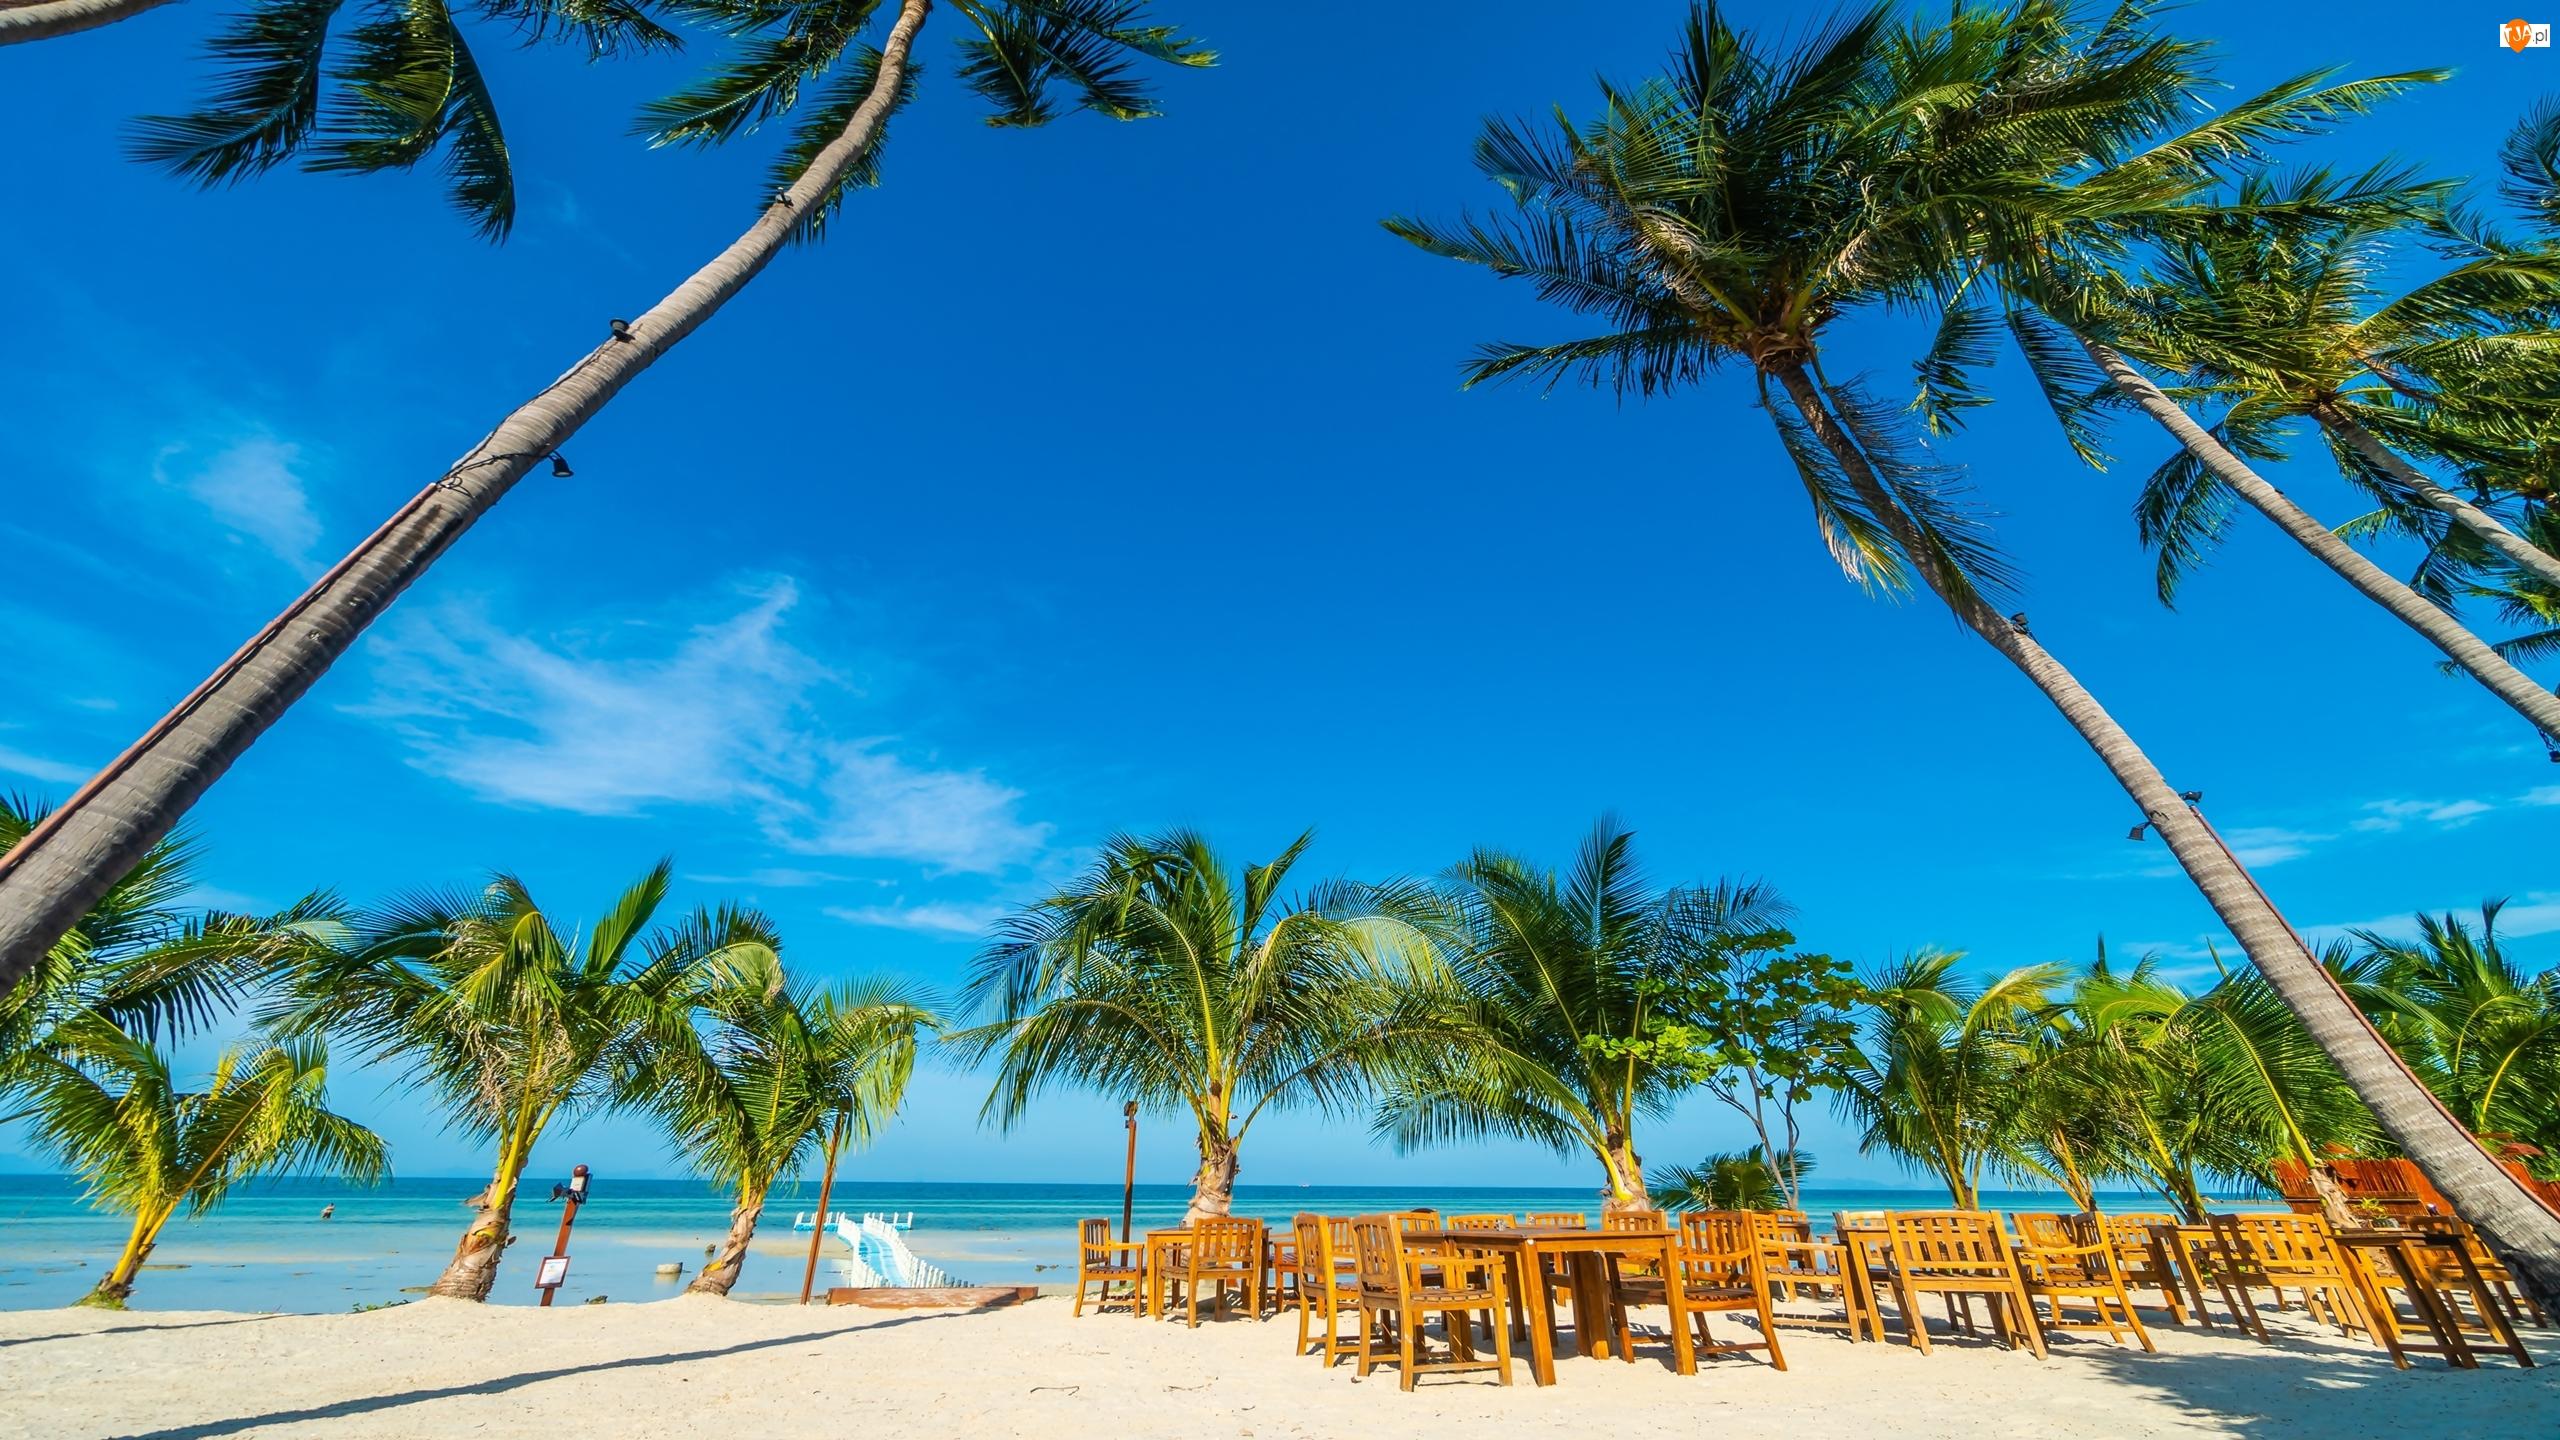 Krzesła, Morze, Palmy